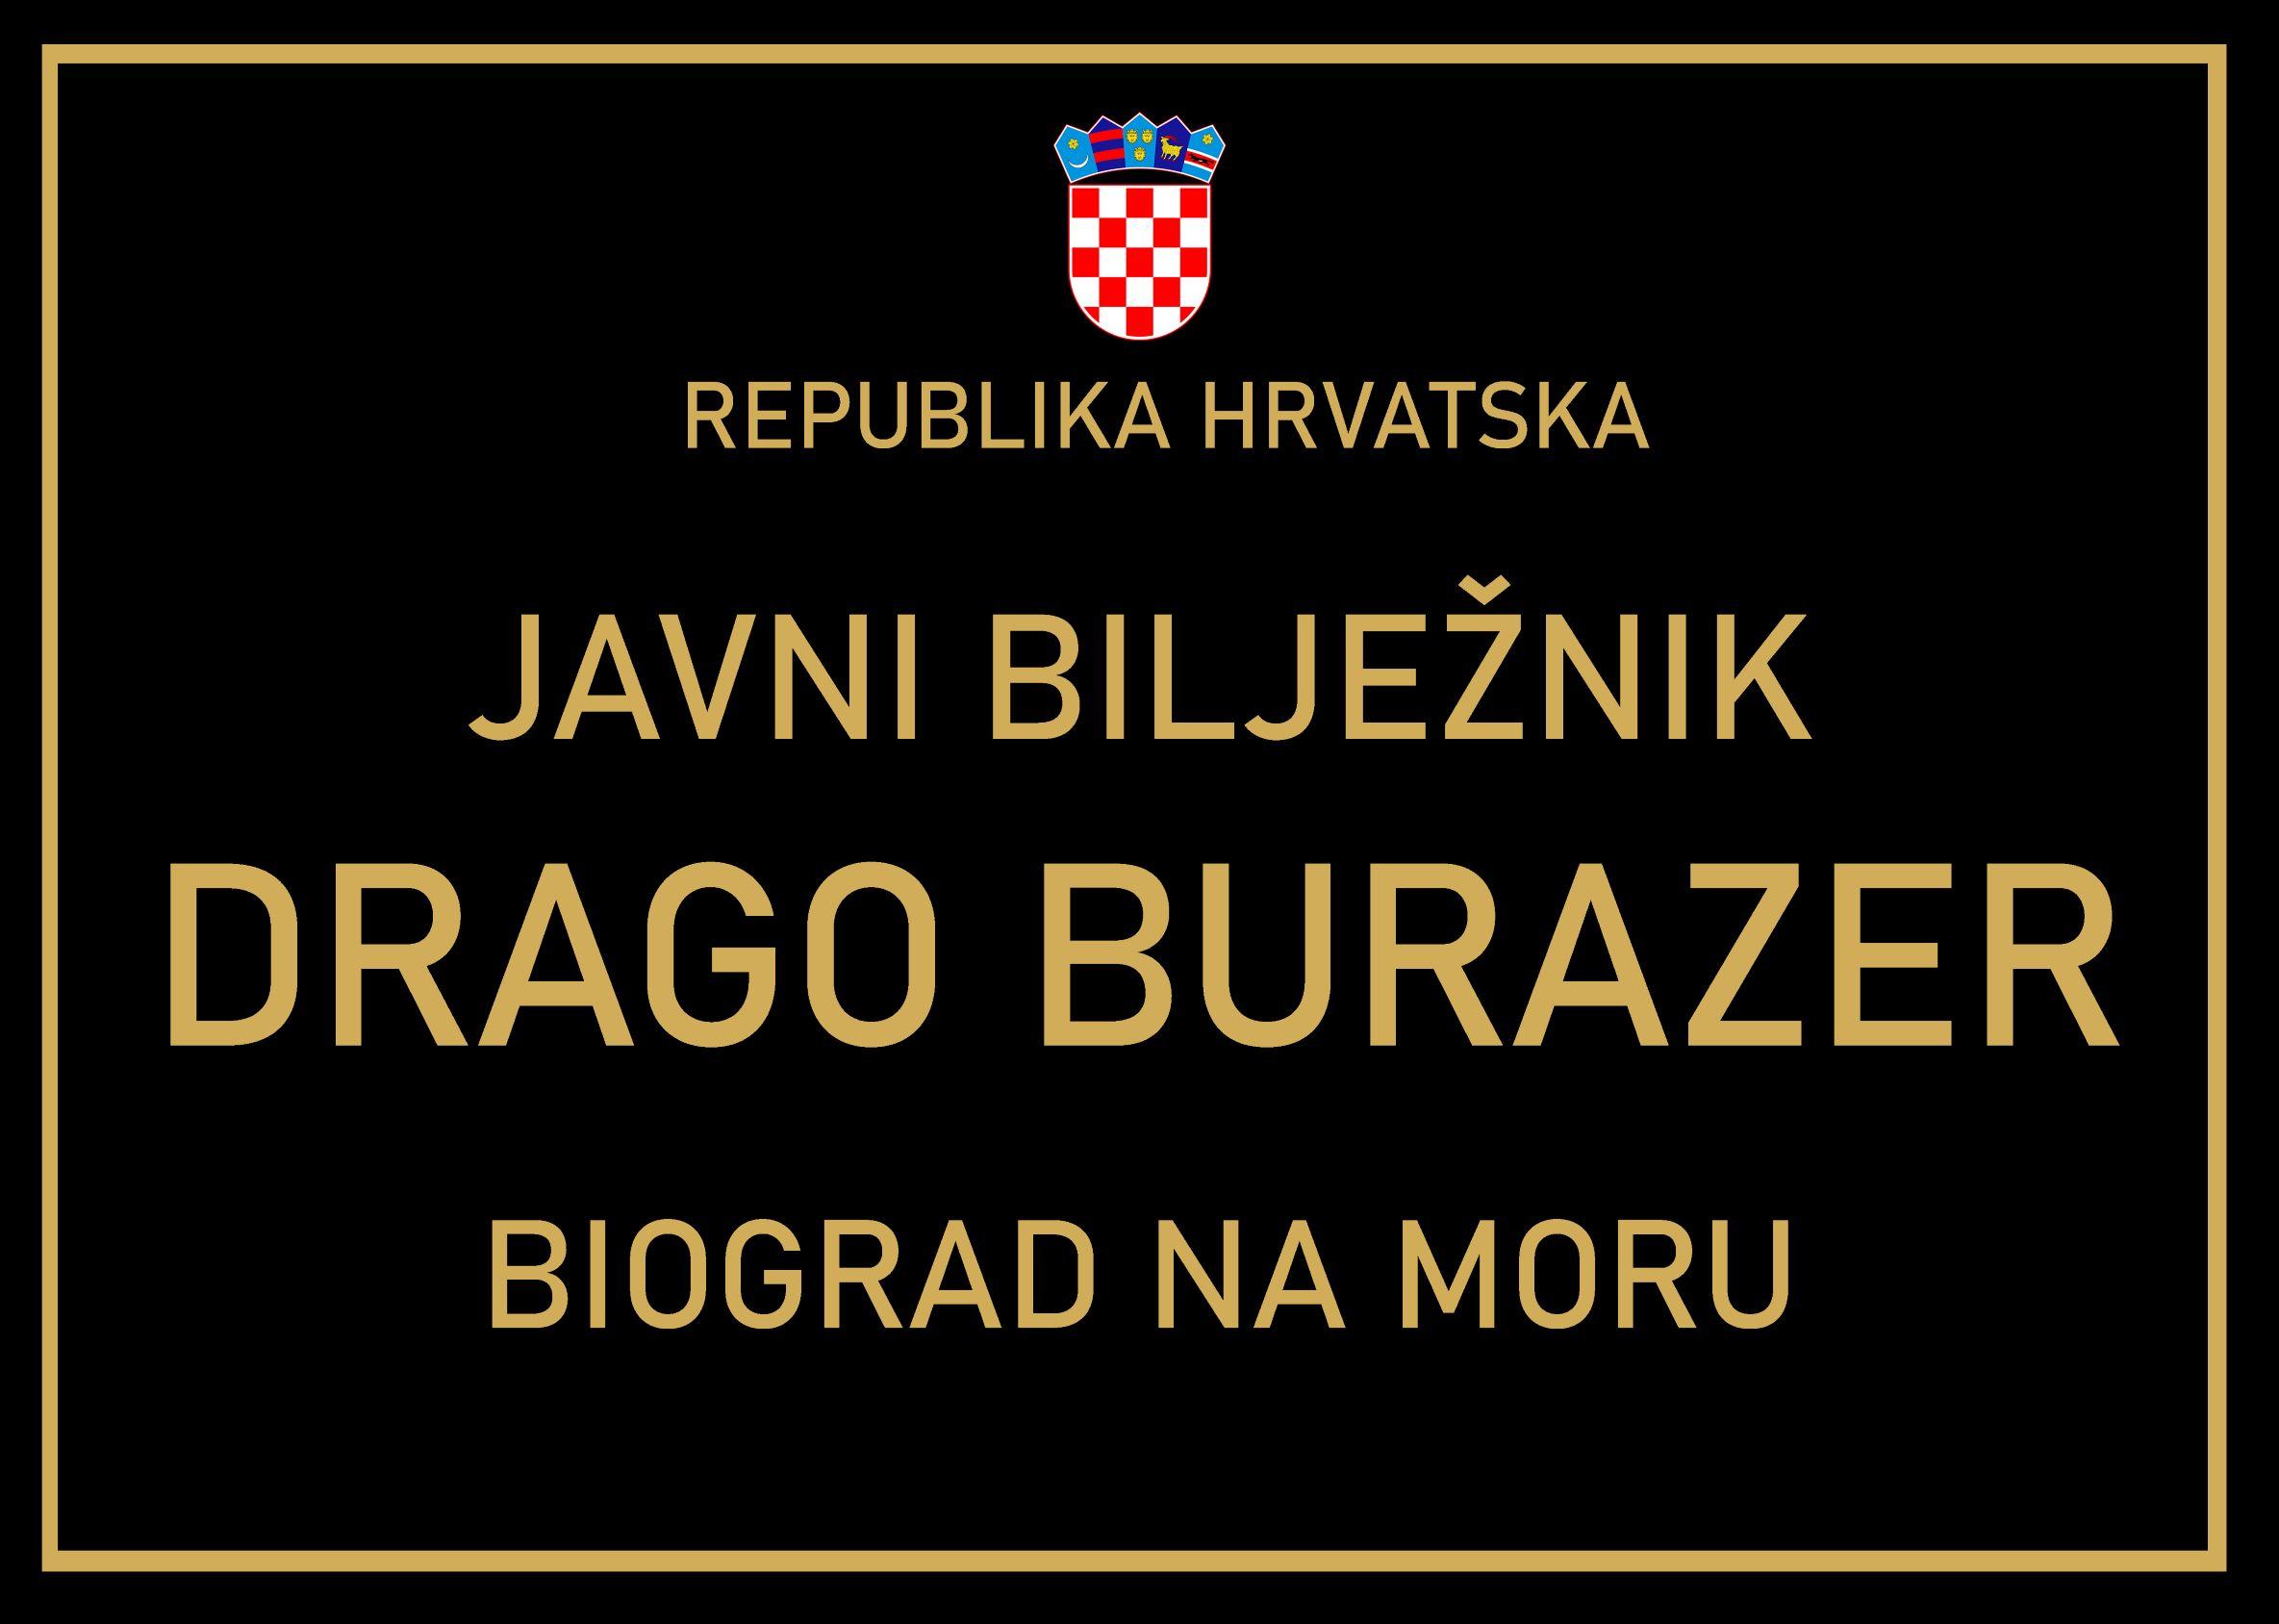 Javni bilježnik Drago Burazer